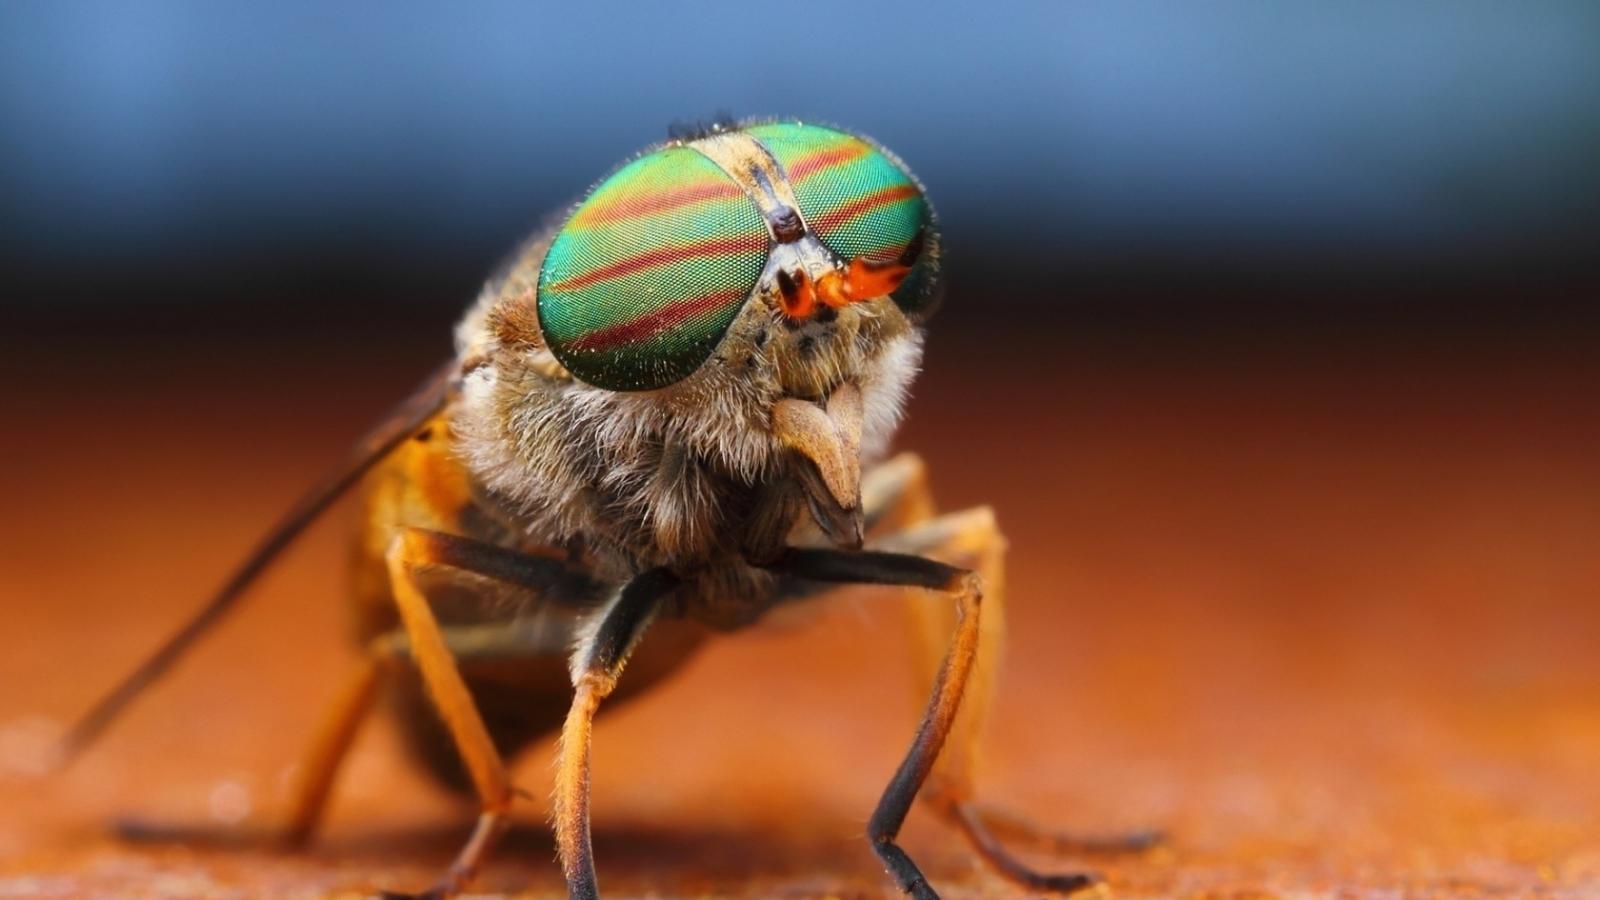 Un insecto - 1600x900